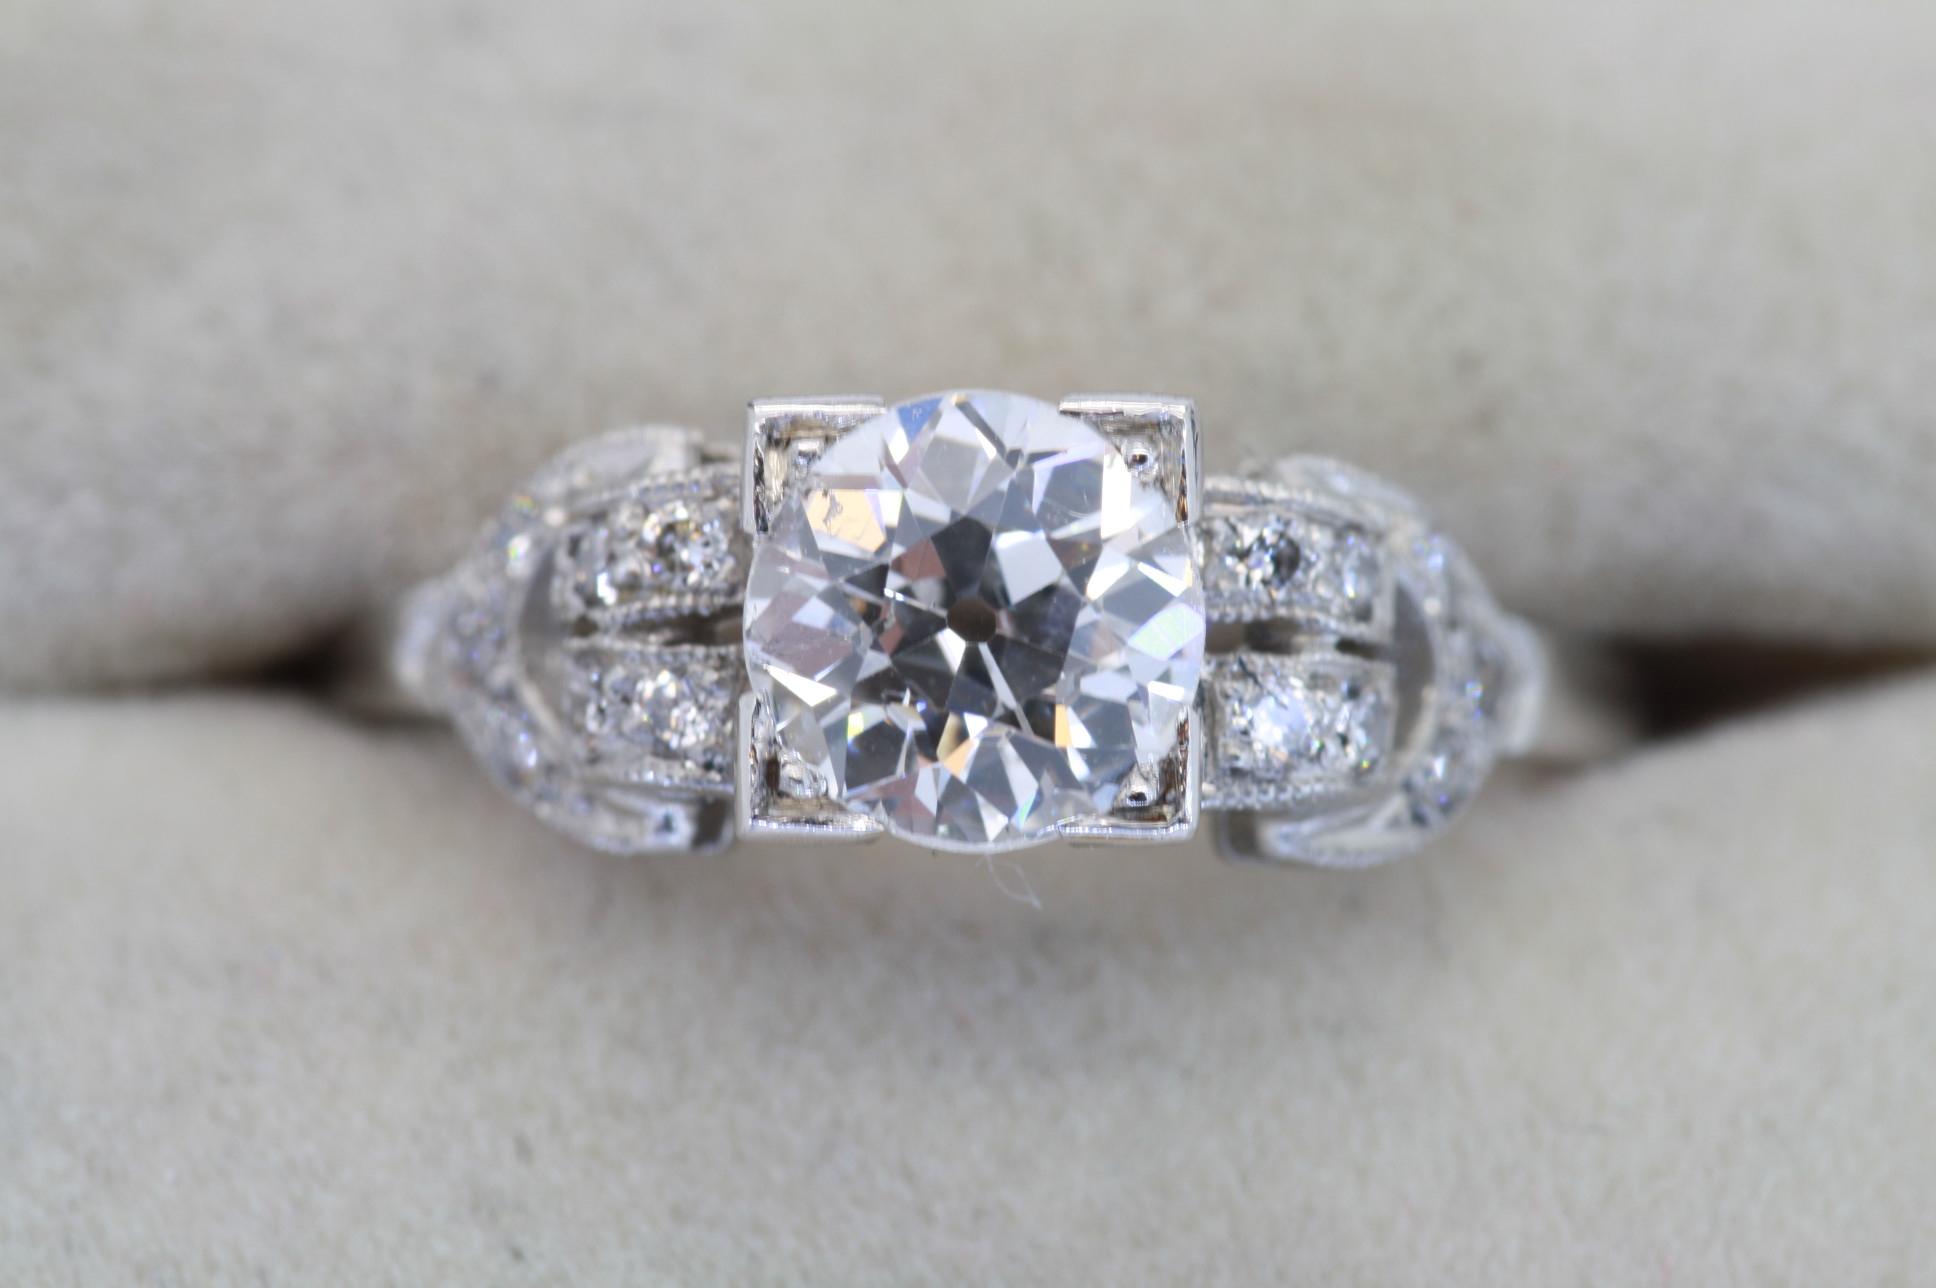 Edwardian Diamond Engagement Ring For Round Brilliant Diamond Engagement Rings (View 11 of 25)